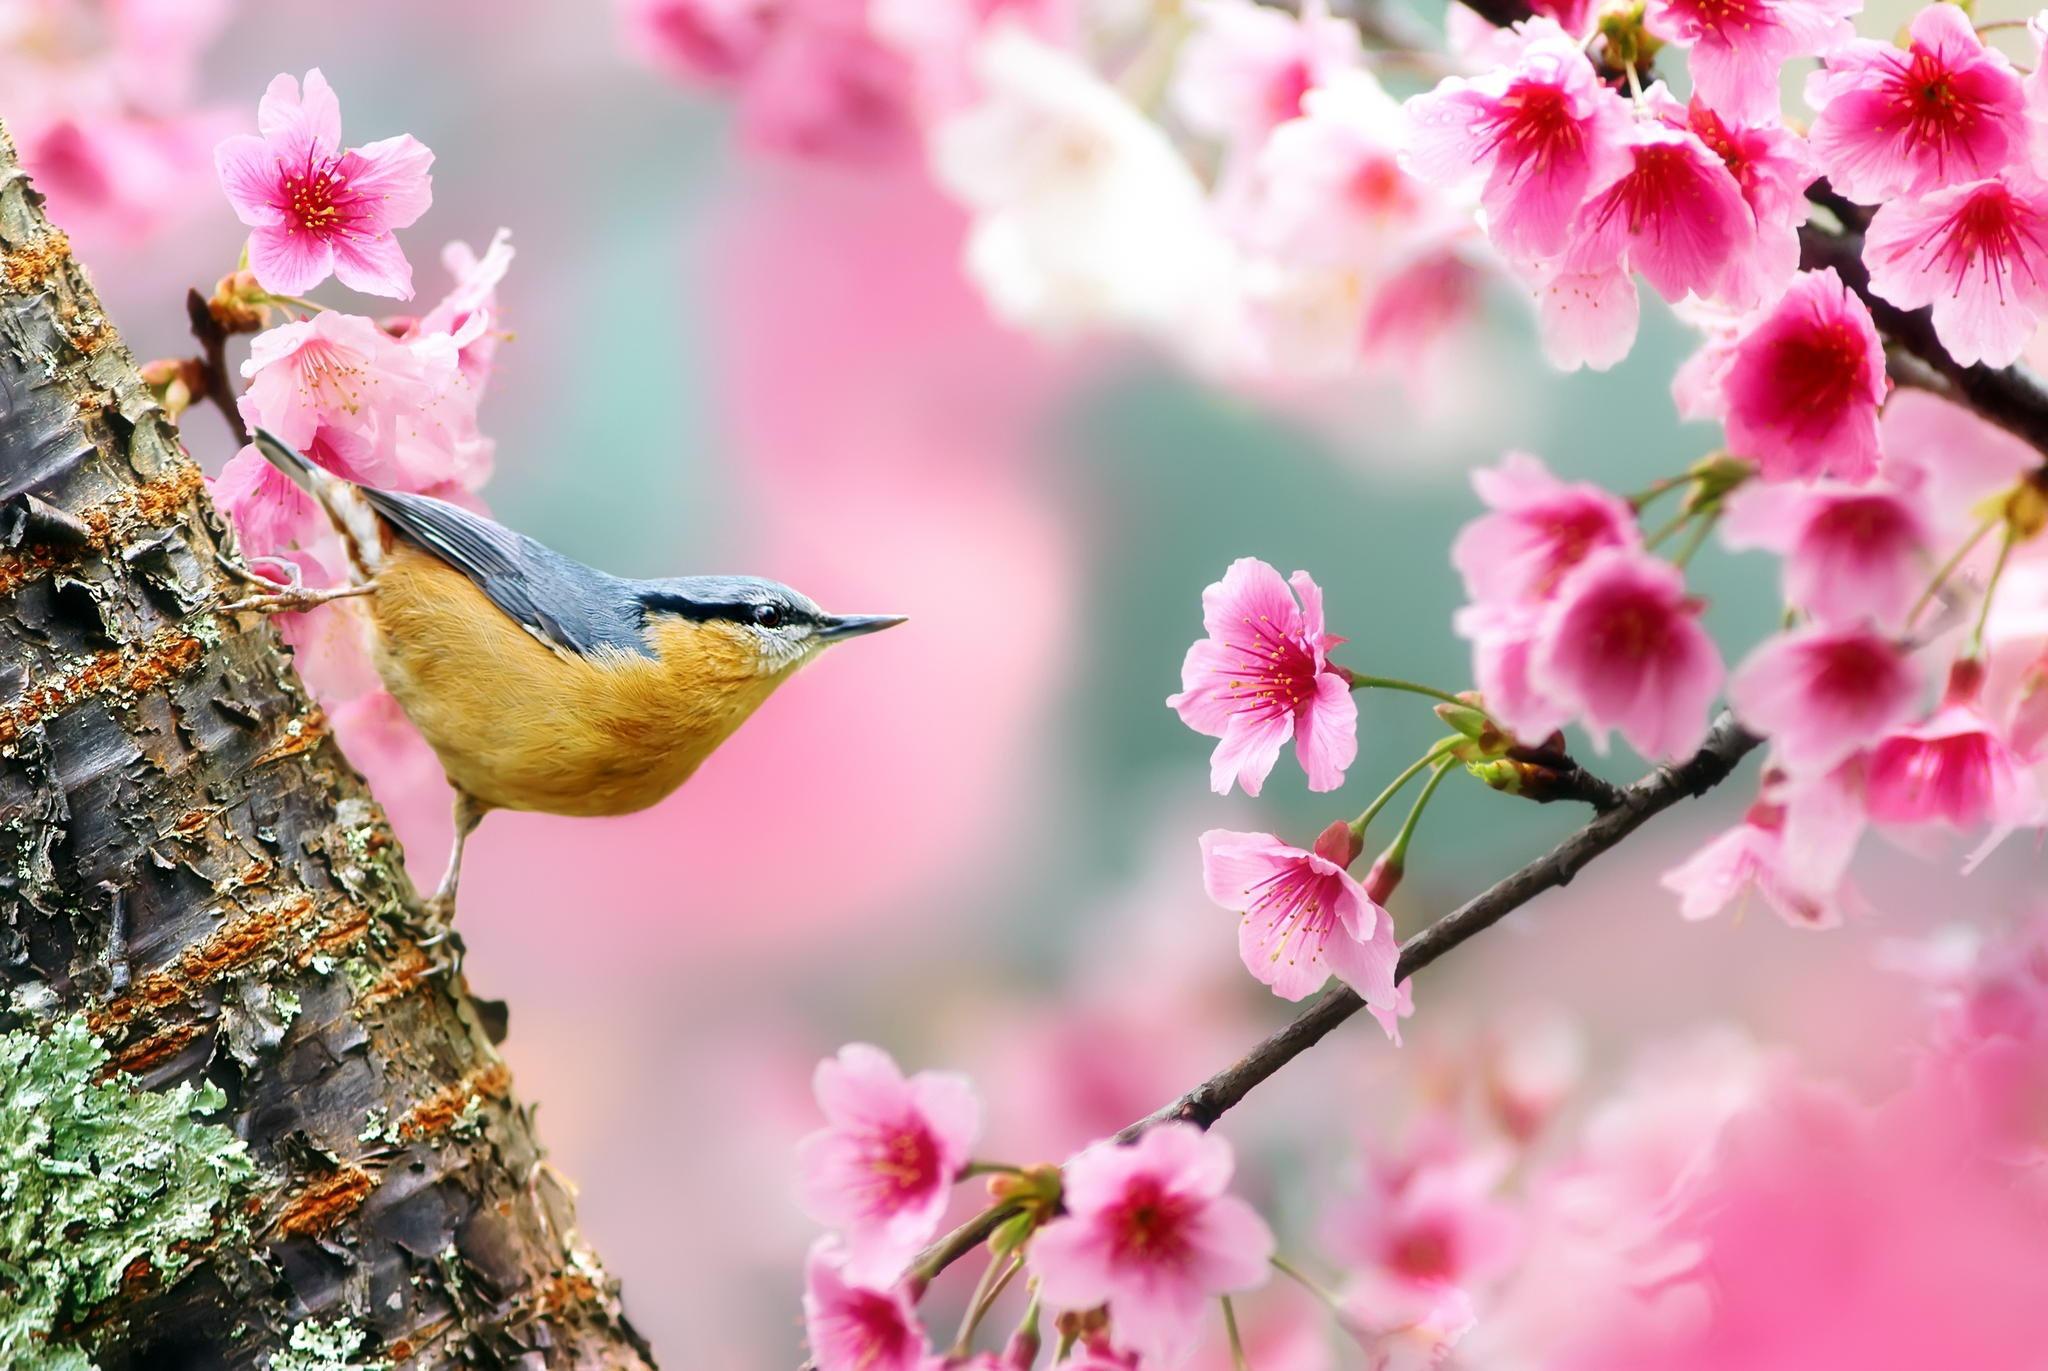 природа птицы животные весна  № 290813 бесплатно